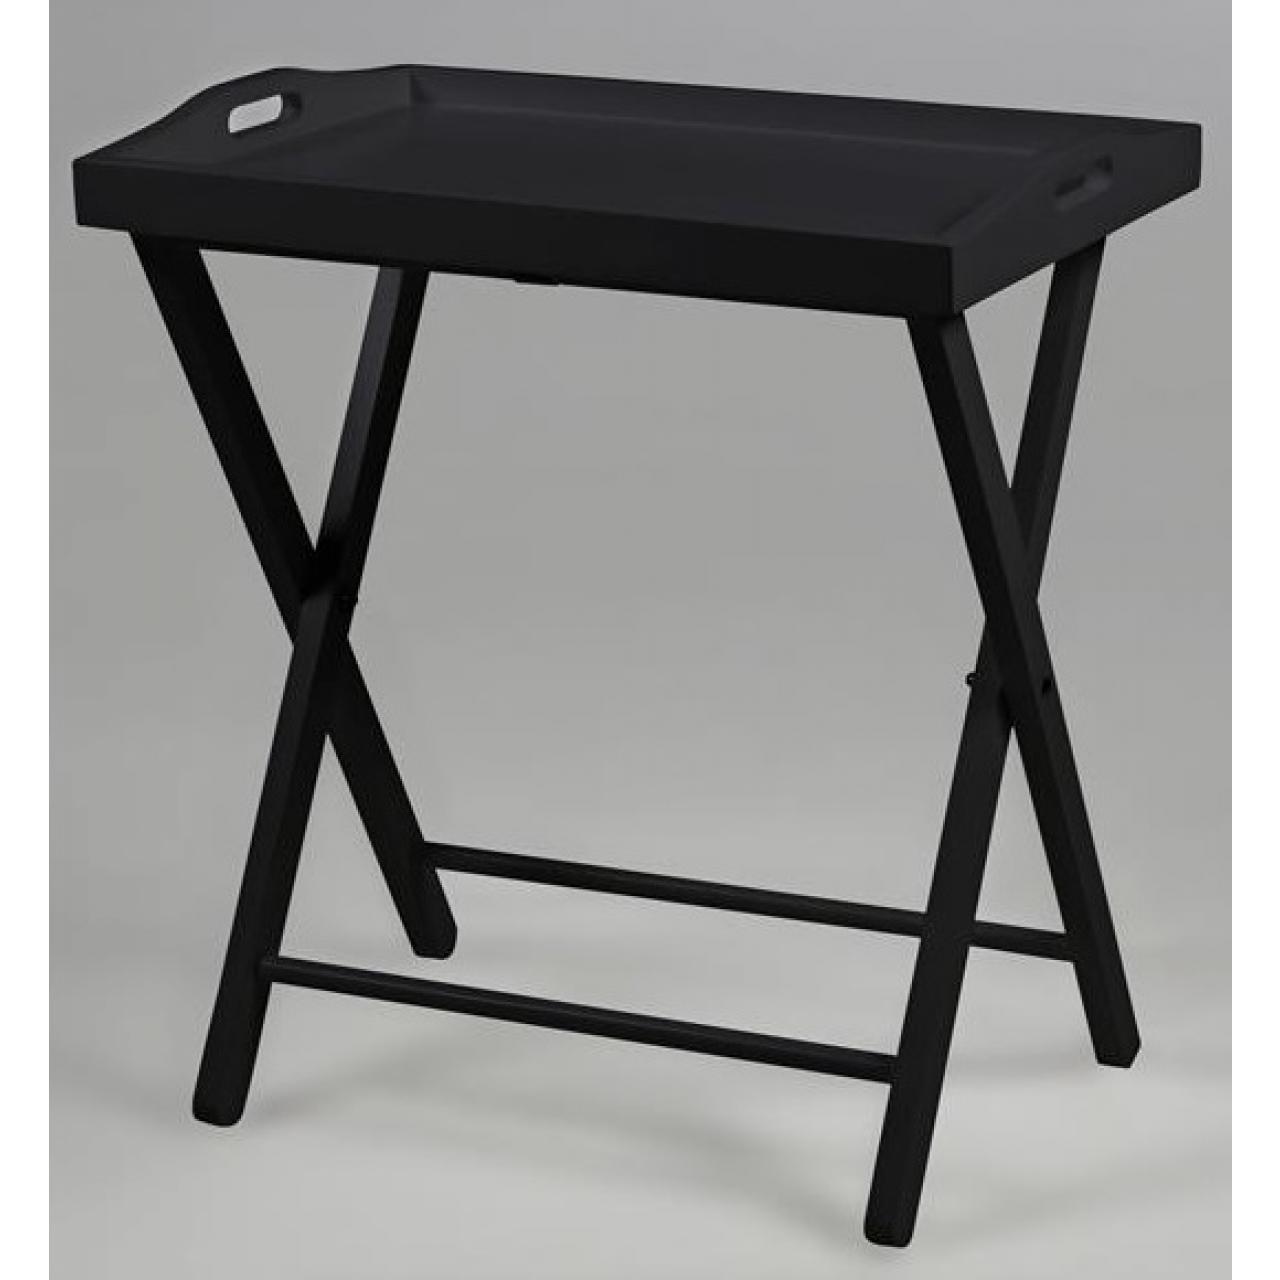 beistelltisch vassoio beim bel wohnen m bel j hnichen center gmbh. Black Bedroom Furniture Sets. Home Design Ideas